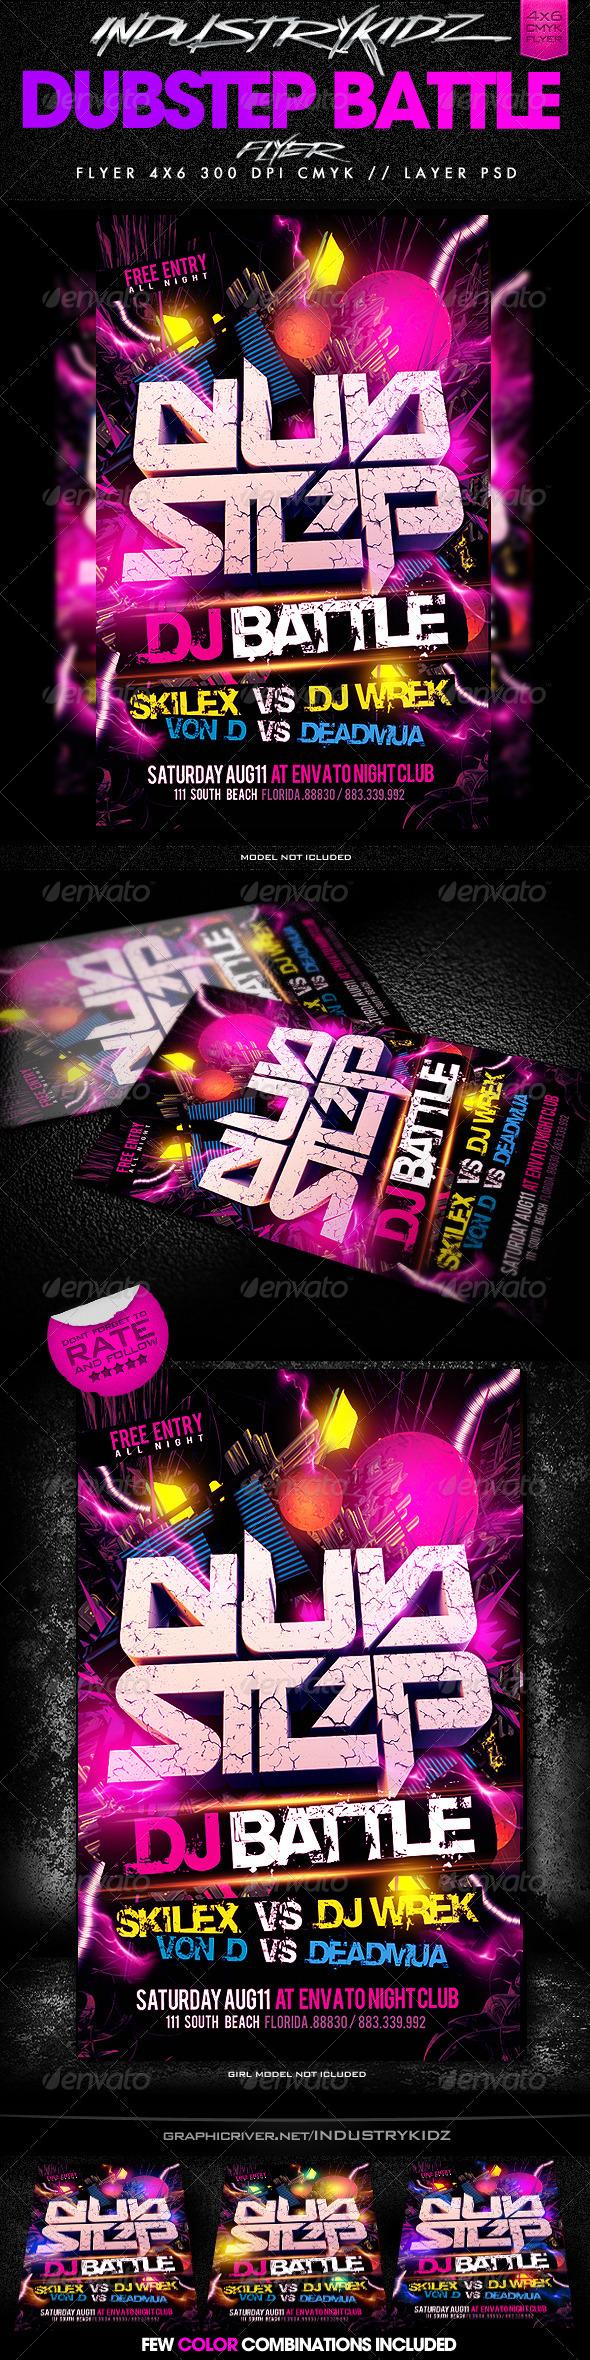 Dubstep Dj Battle Flyer Template - Clubs & Parties Events